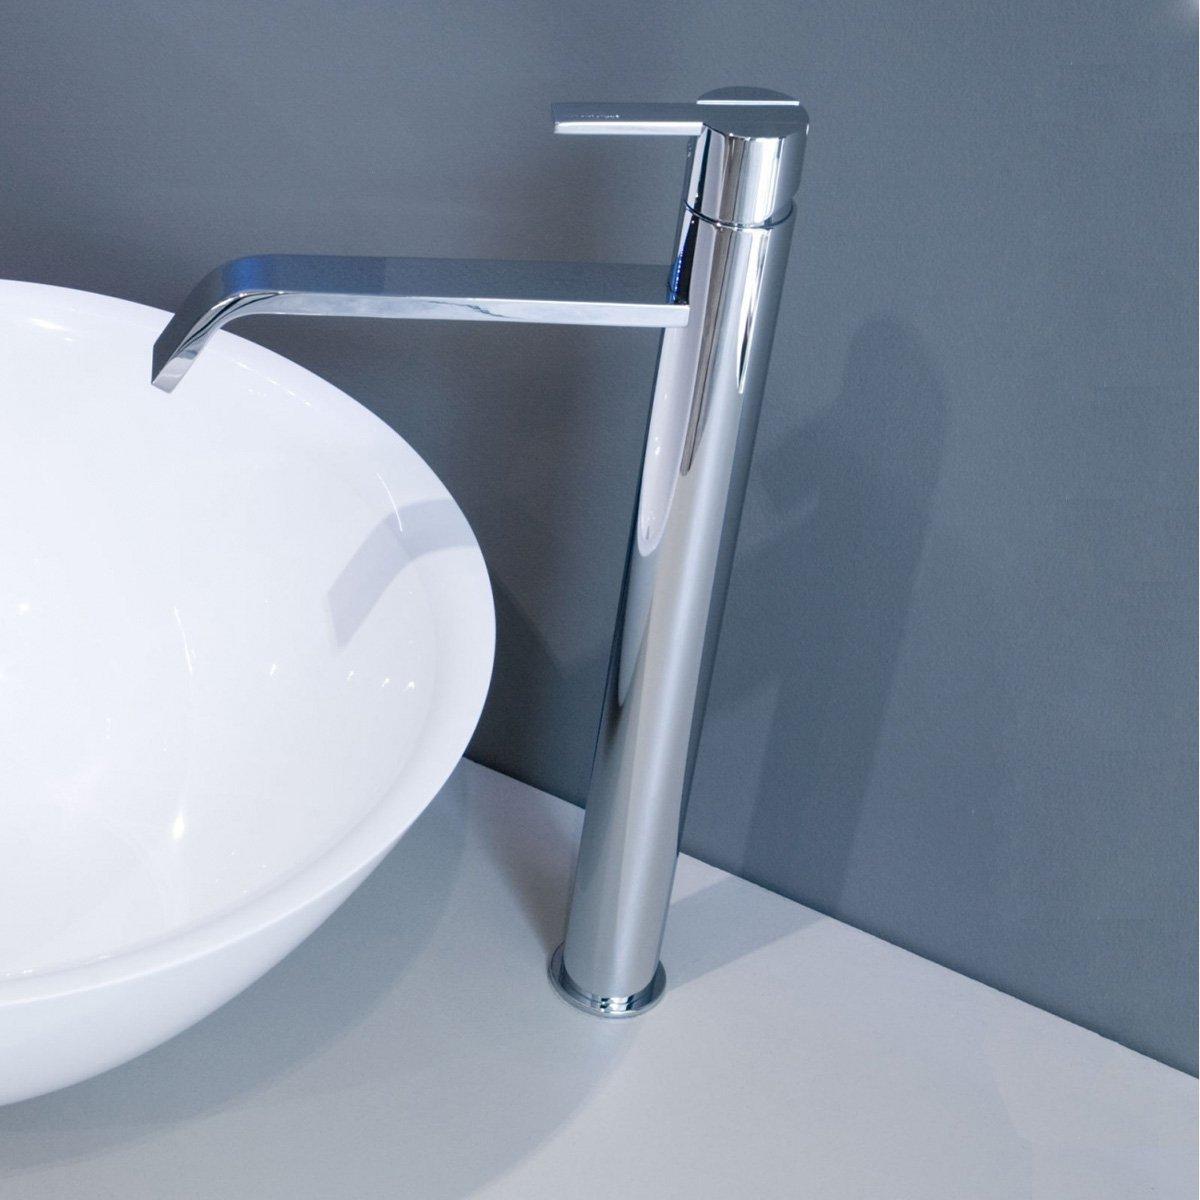 antoniolupi, Bikappa Miscelatore lavabo